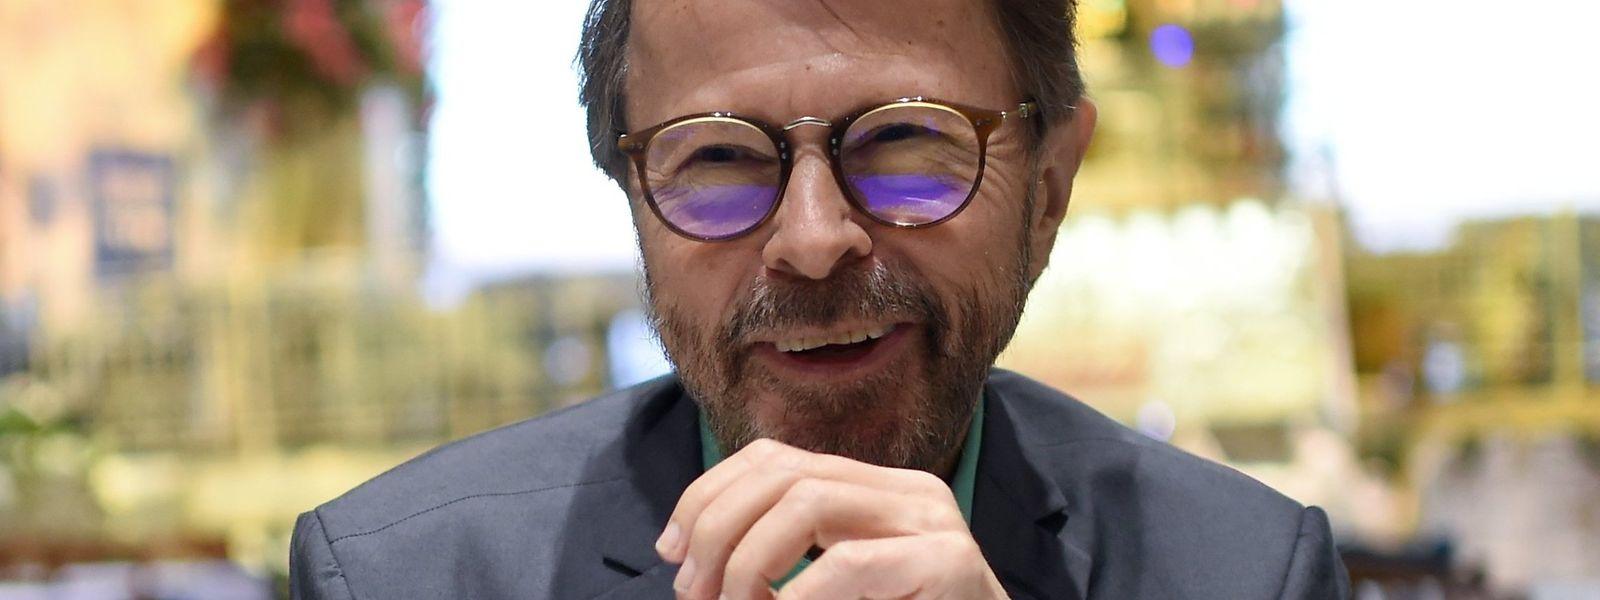 Björn Ulvaeus, Bandmitglied der schwedischen Popgruppe Abba bestätigte das Veröffentlichungsdatum.